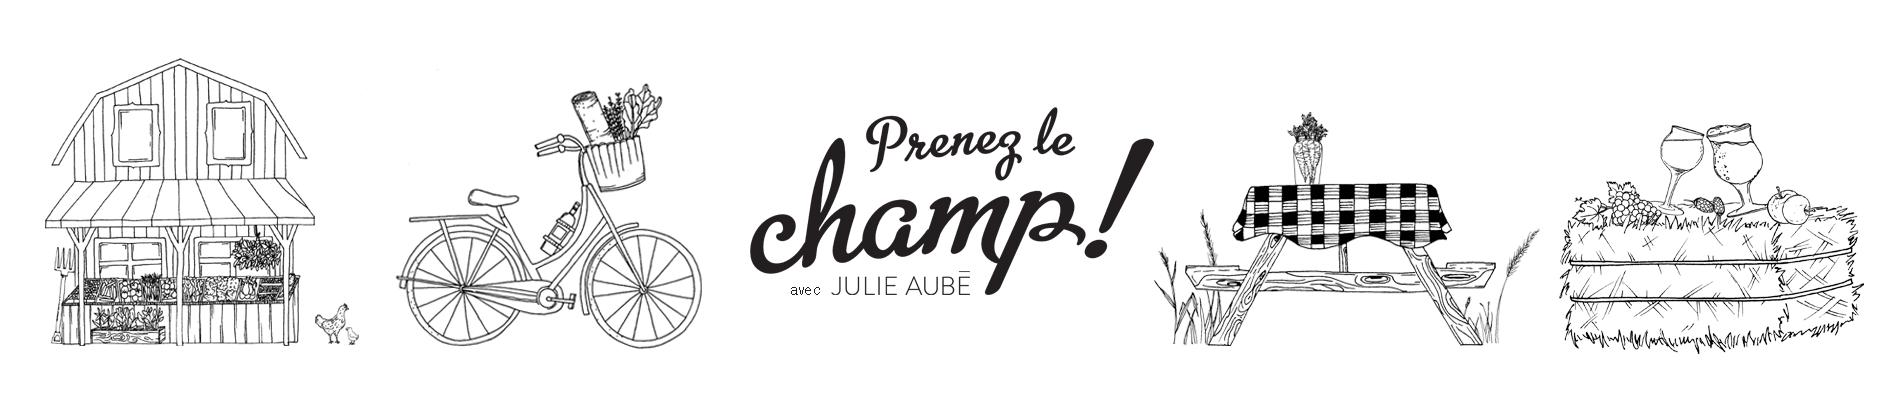 Les Événements Prenez le champ avec Julie Aubé